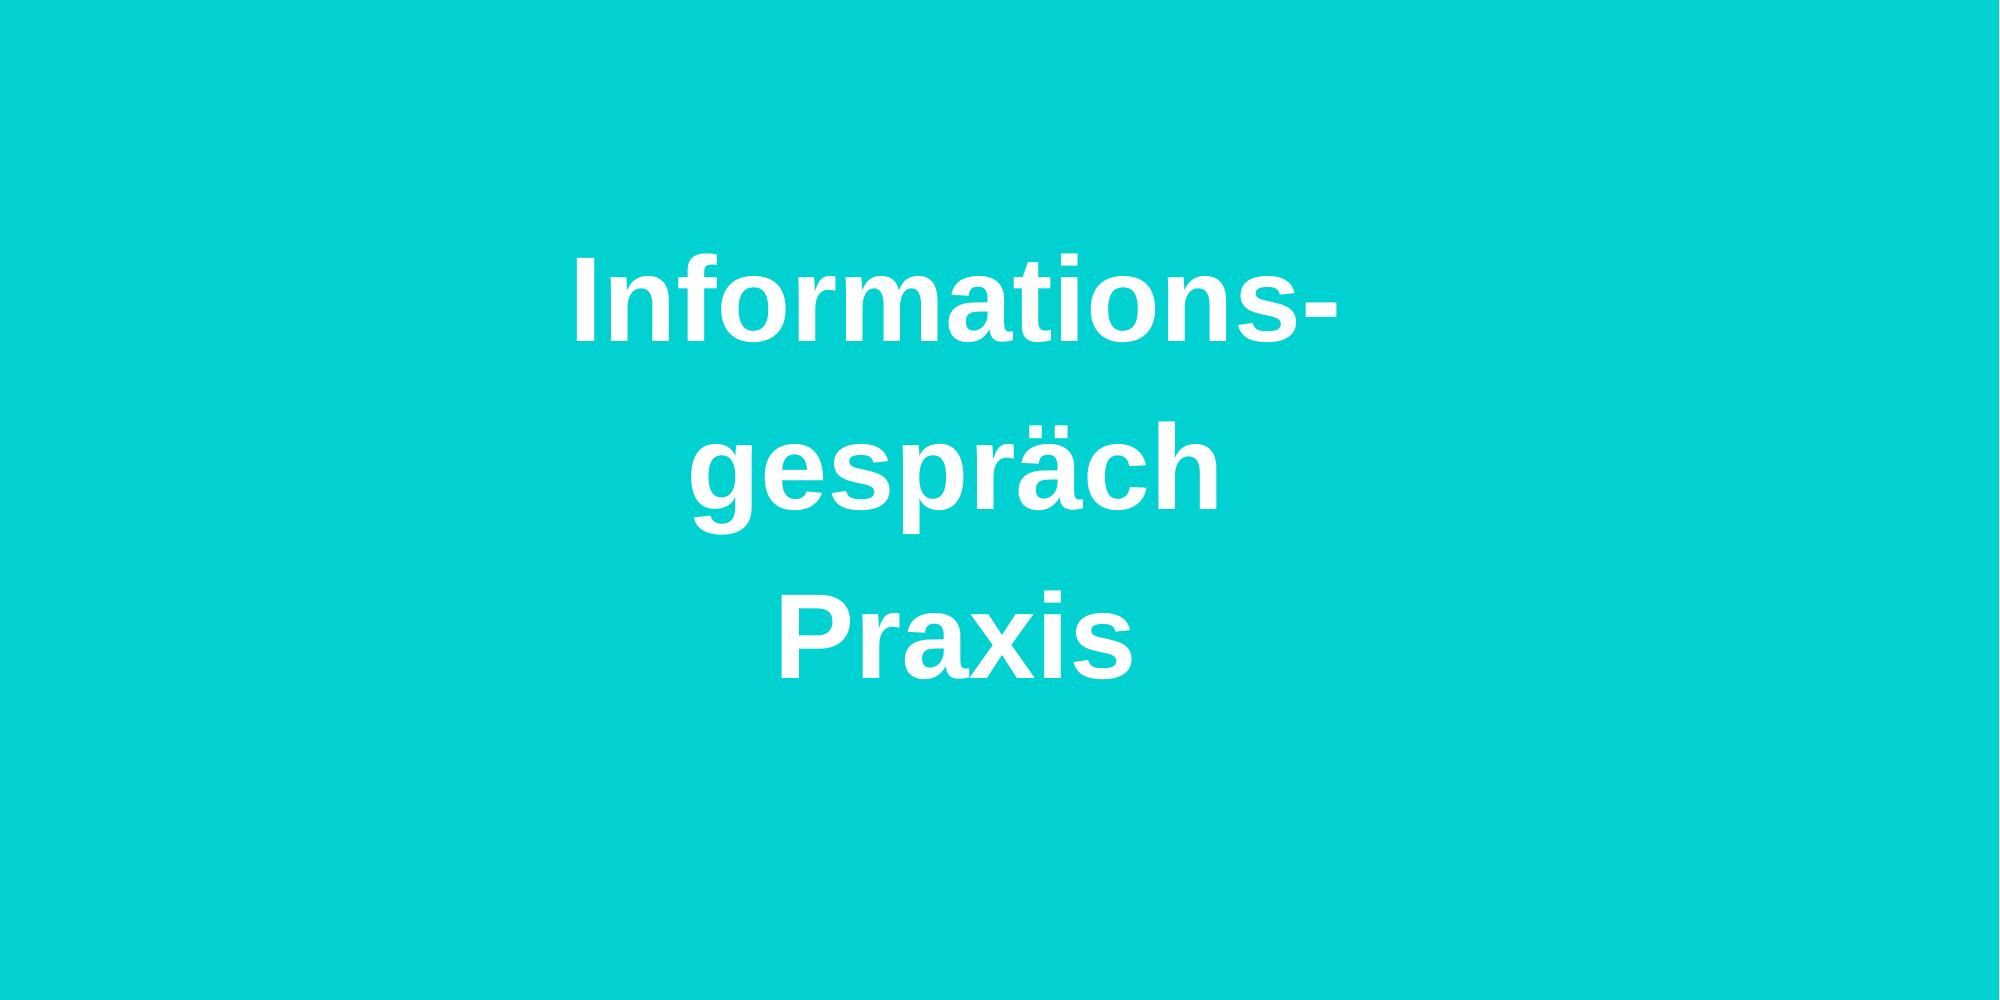 Informationsgespräch kostenlos - Praxis